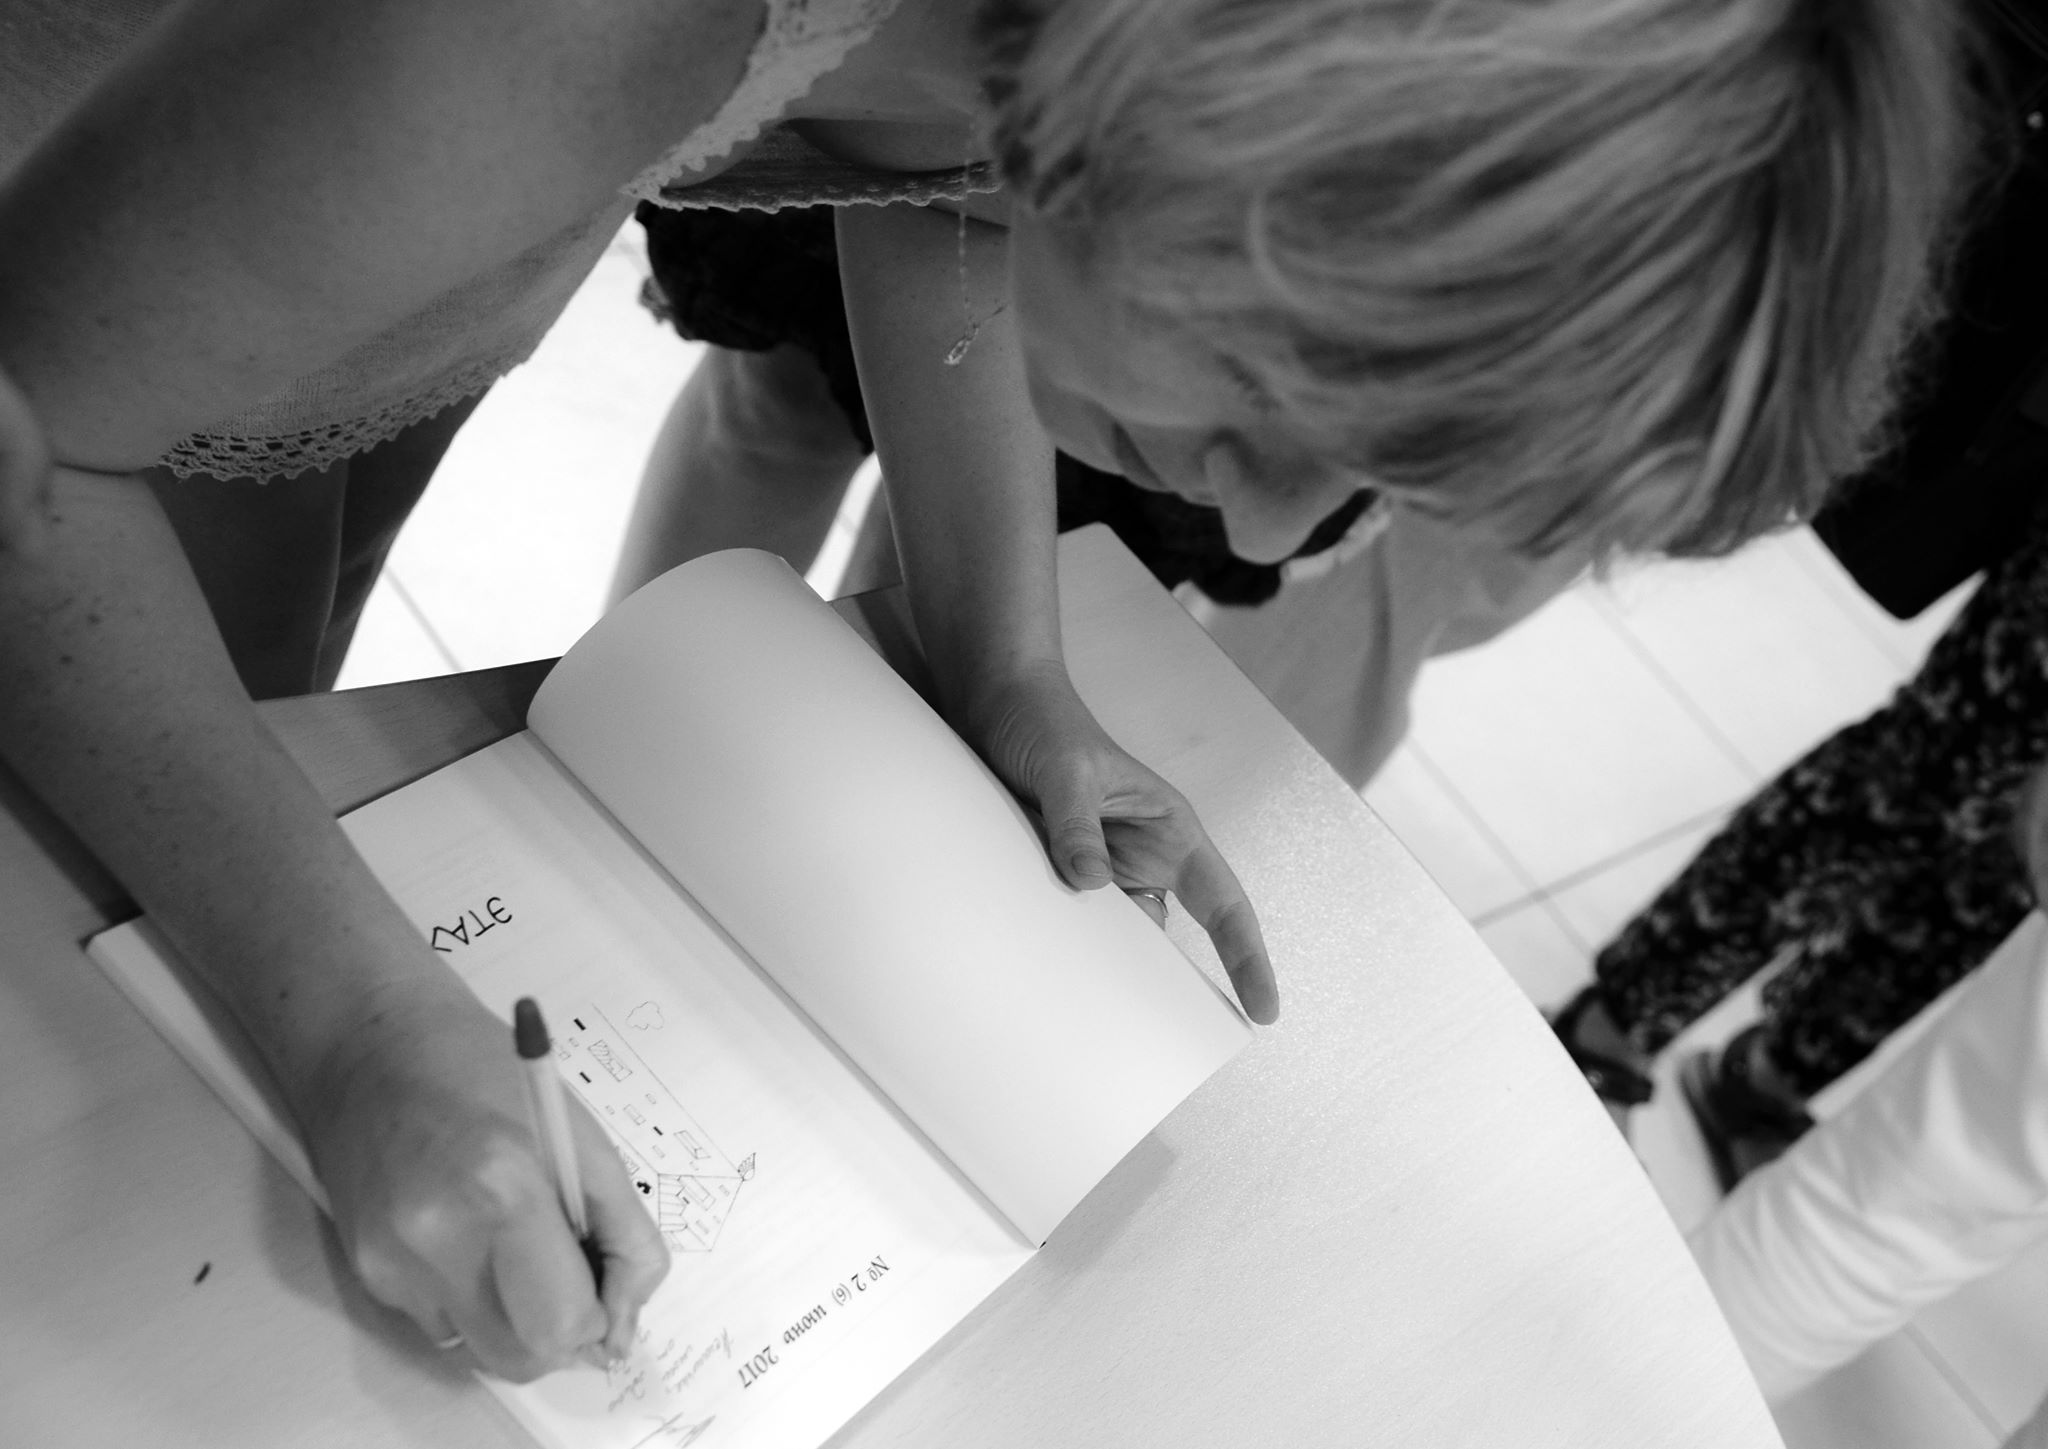 Наталья Дзе подписывает третий номер журнала ЭТАЖИ, в котором опубликован ее рассказ ШУШУВИЧ с иллюстрациями Олега Ильдюкова. Фотограф Галина Кожемяченко